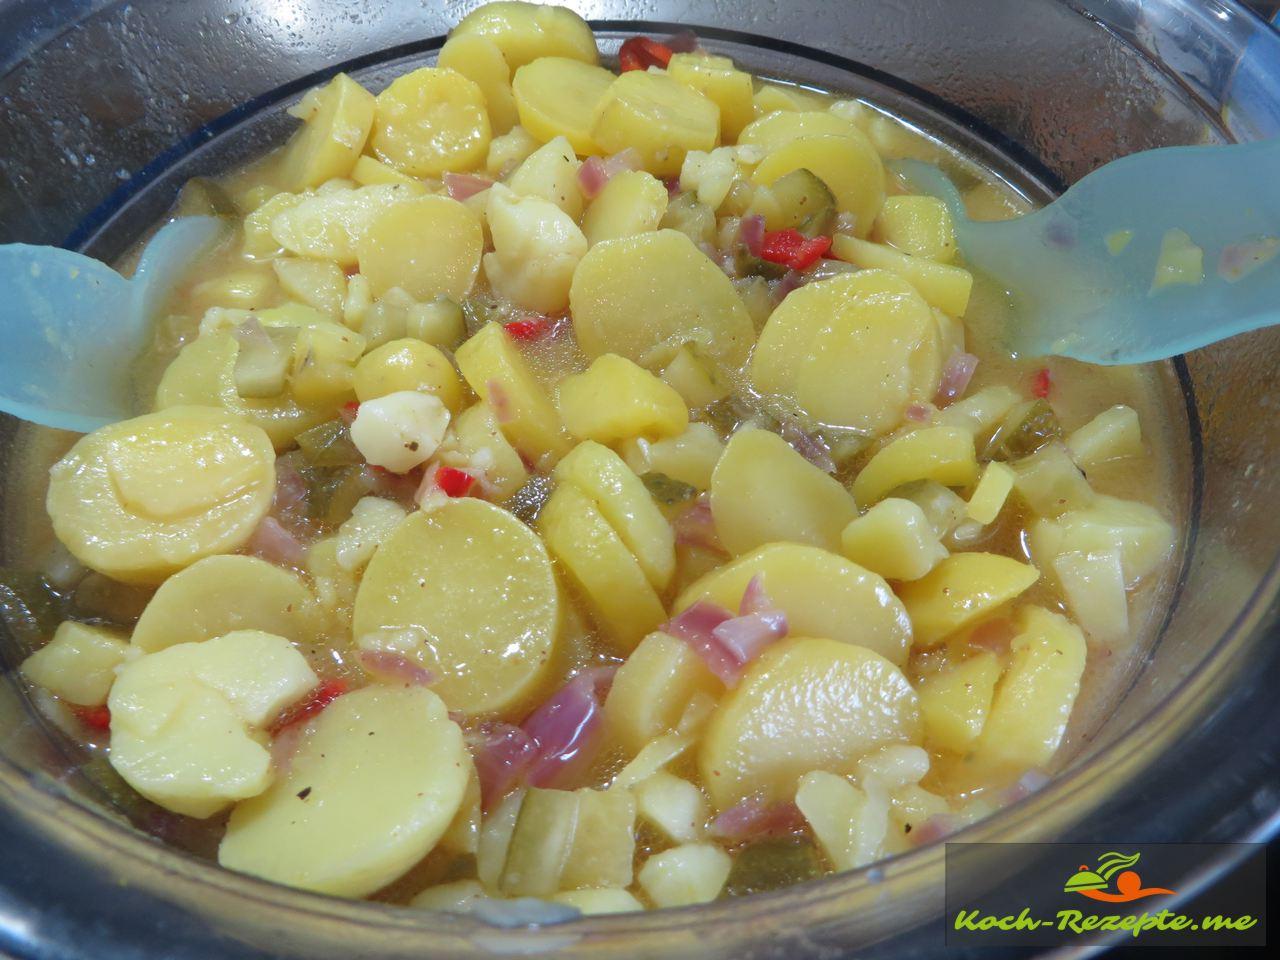 Kartoffelsalat mit Brühe und Zutaten umrühren